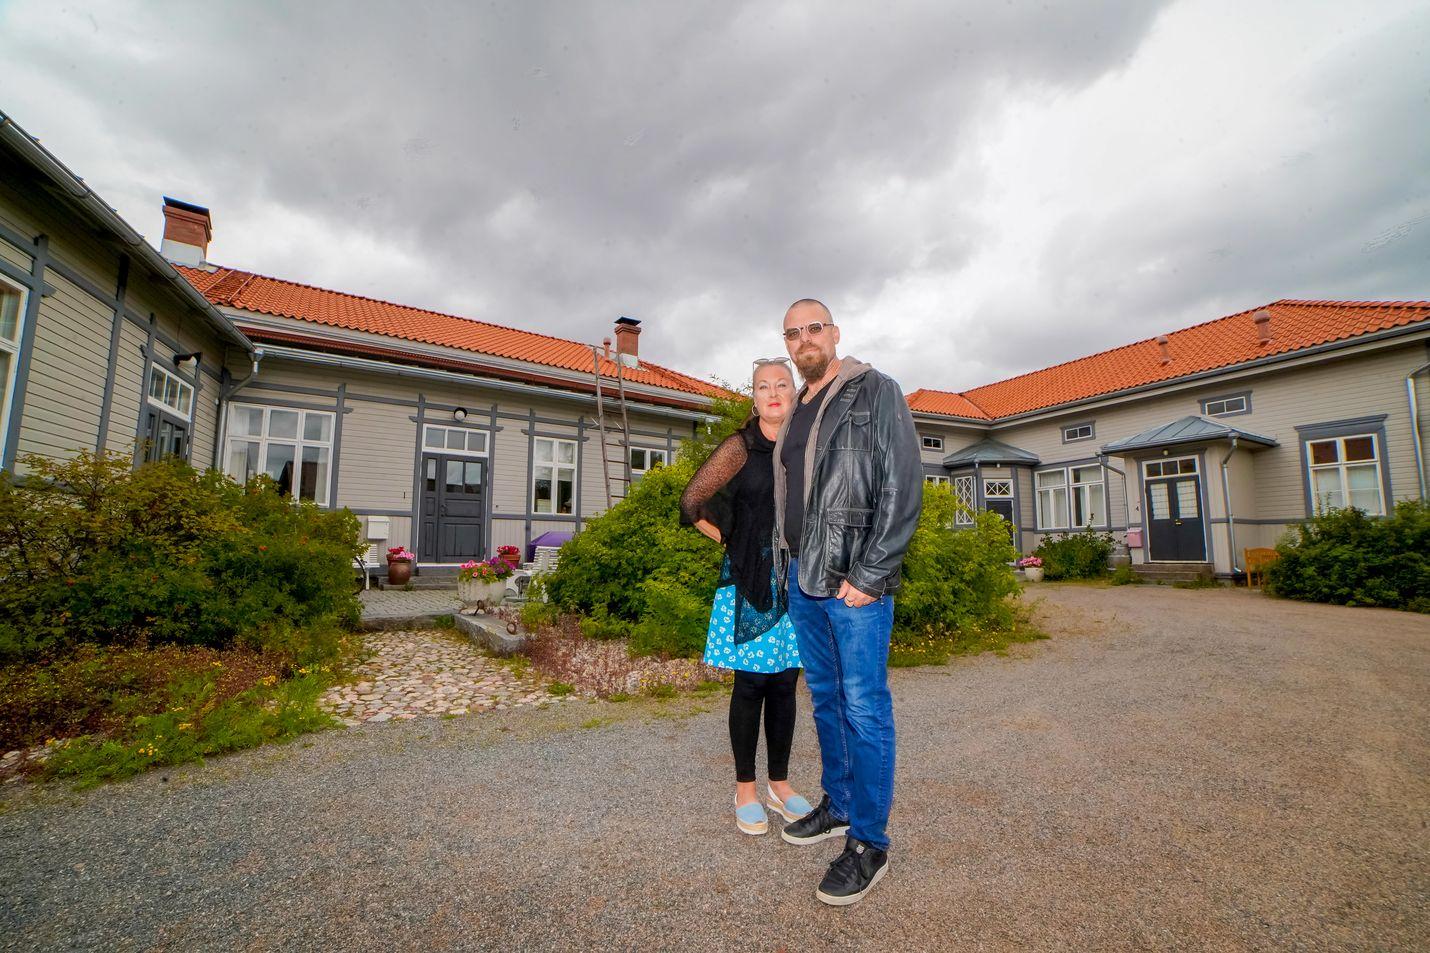 Taustalla kuvassa olevan Tullin talon remontoineet Jaana ja Juha Manner kertovat, ettei kannata ostaa vanhaa taloa, jos ei ole kiinnostunut remontoimisesta.